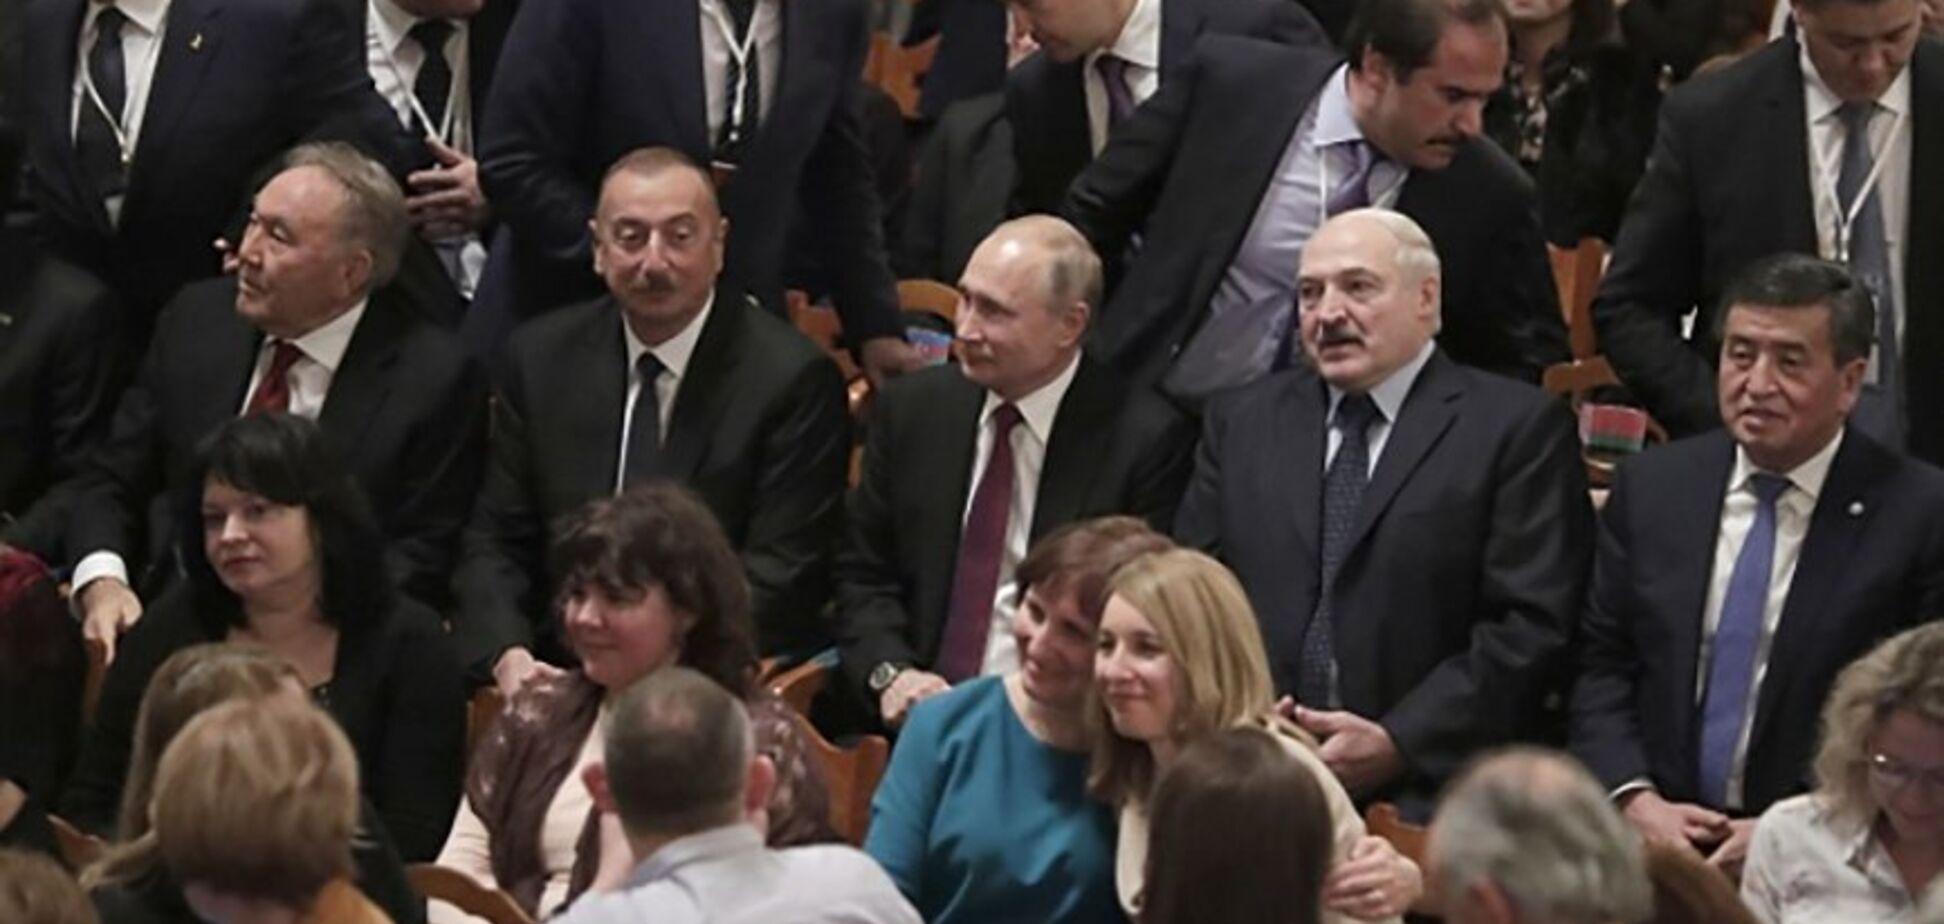 ''Інтимно переконував'': у мережі показали продовження гучної сварки Путіна і Лукашенка